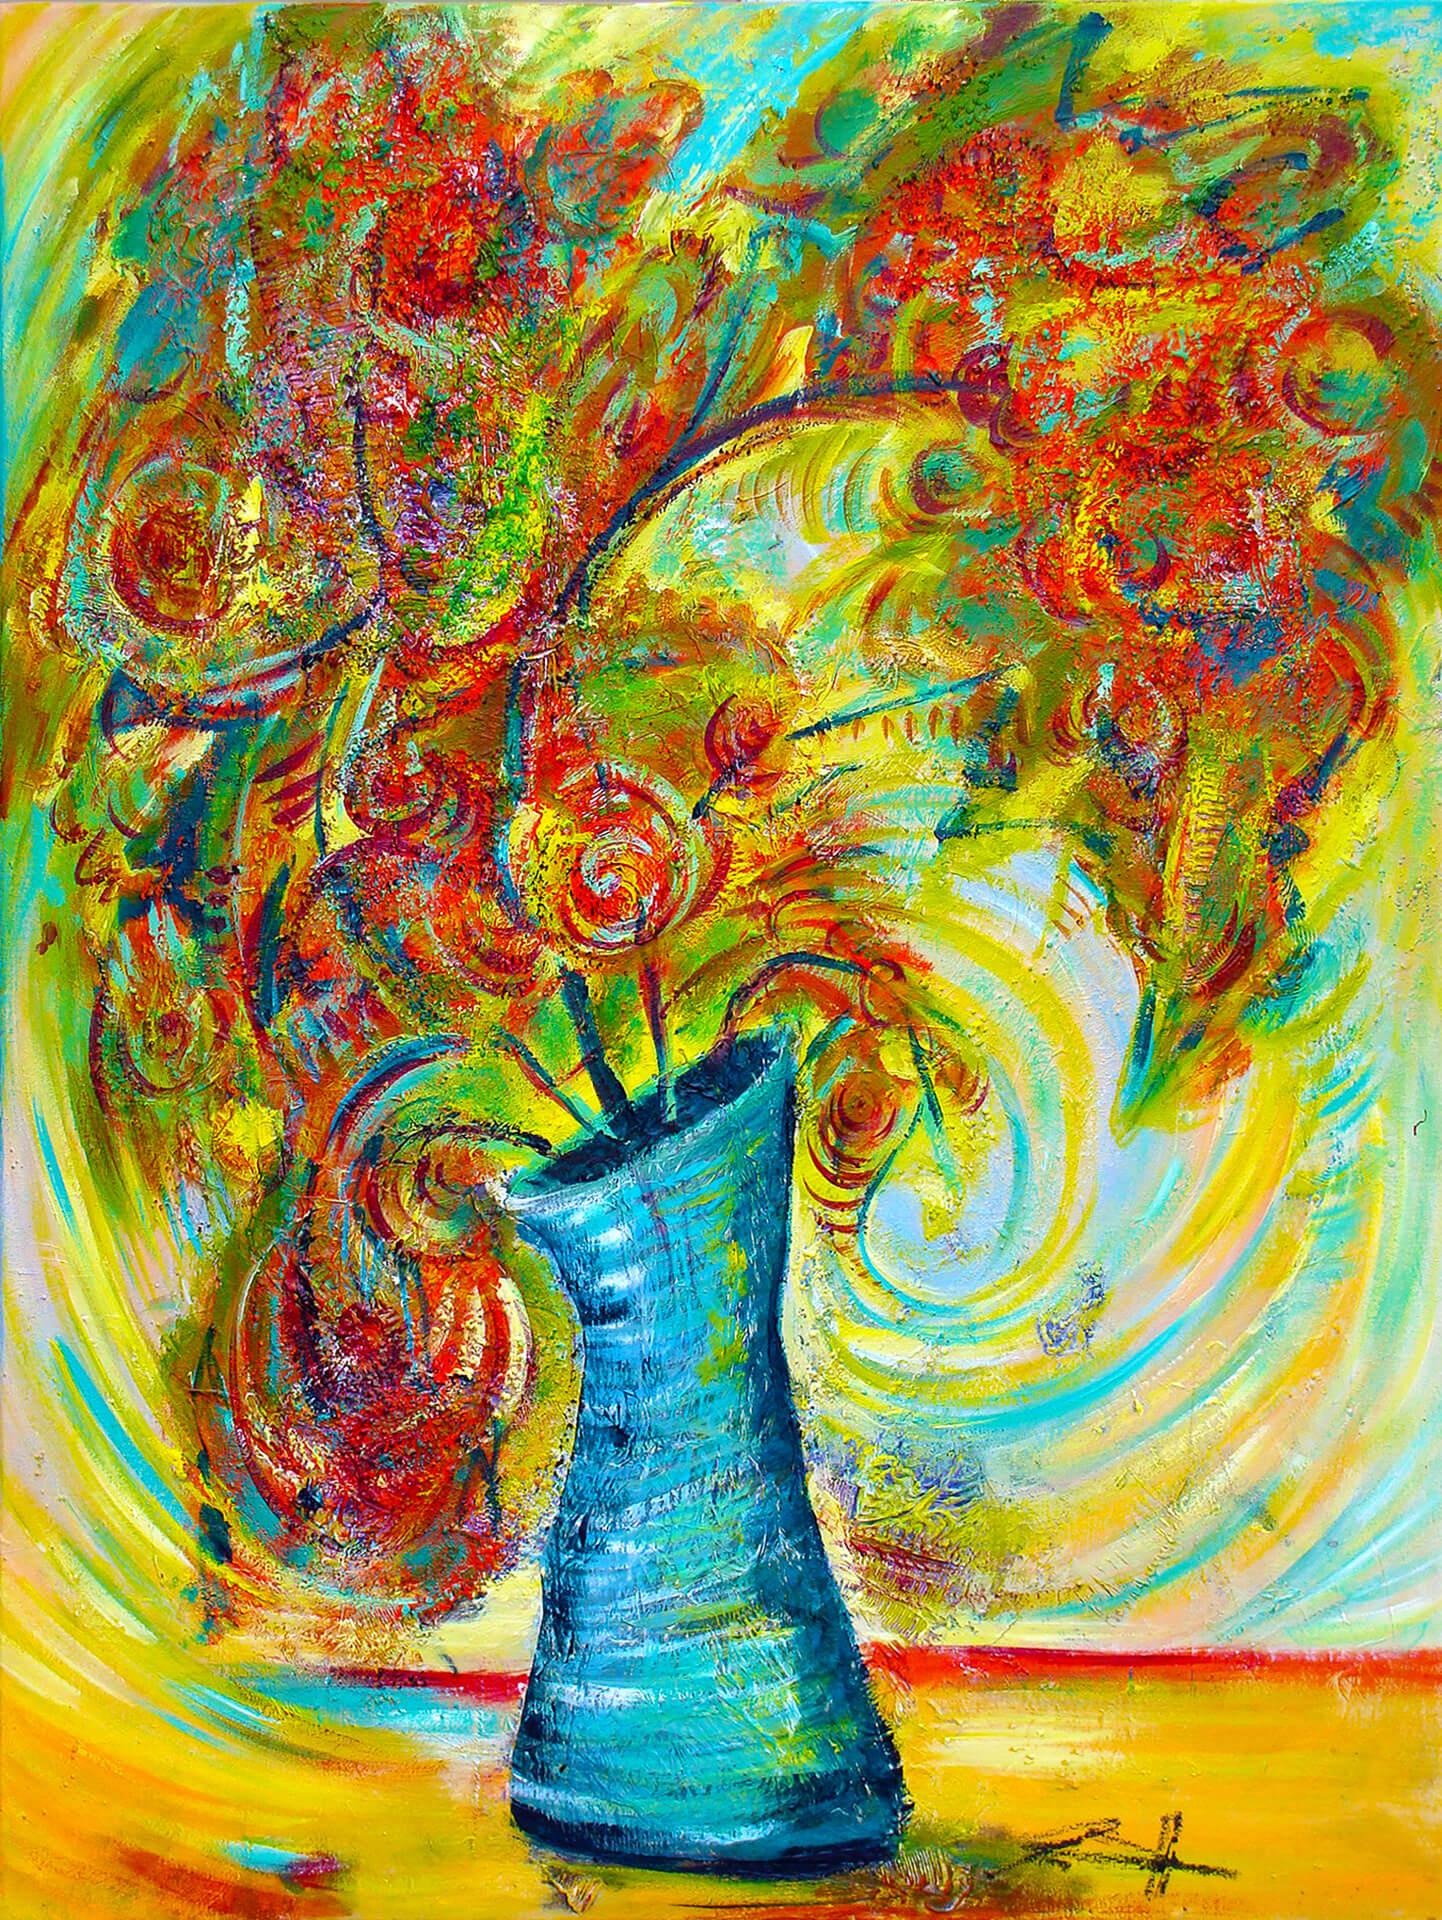 art-eric-j-hughes-artiste-peintre-canadien-tableau-delirium-etrange-transformation-du-dragonnier-fleurissant